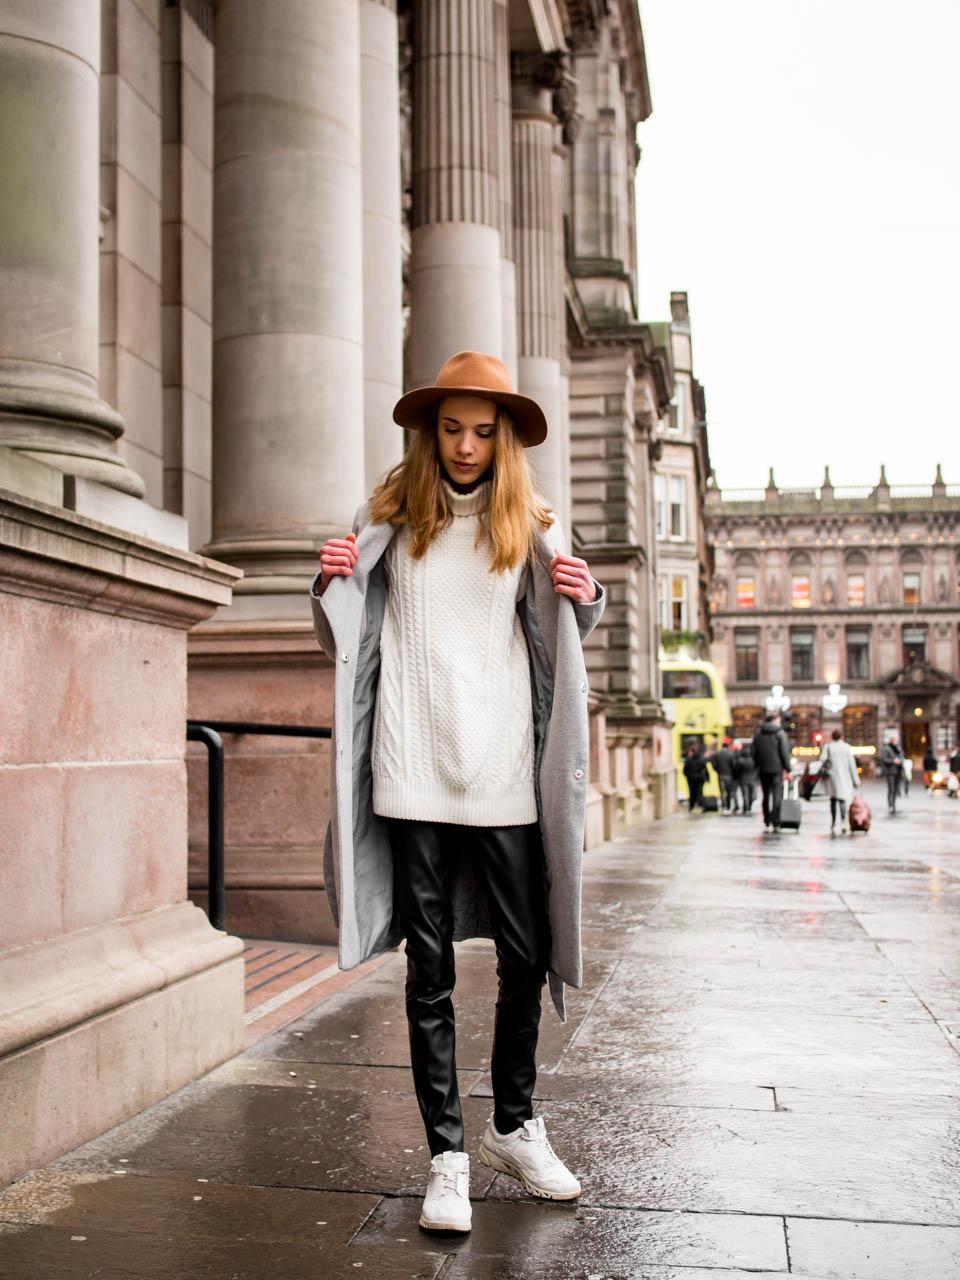 Mixing menswear with womenswear - Kuinka yhdistää miesten ja naisten muotia, bloggaaja, inspiraatio